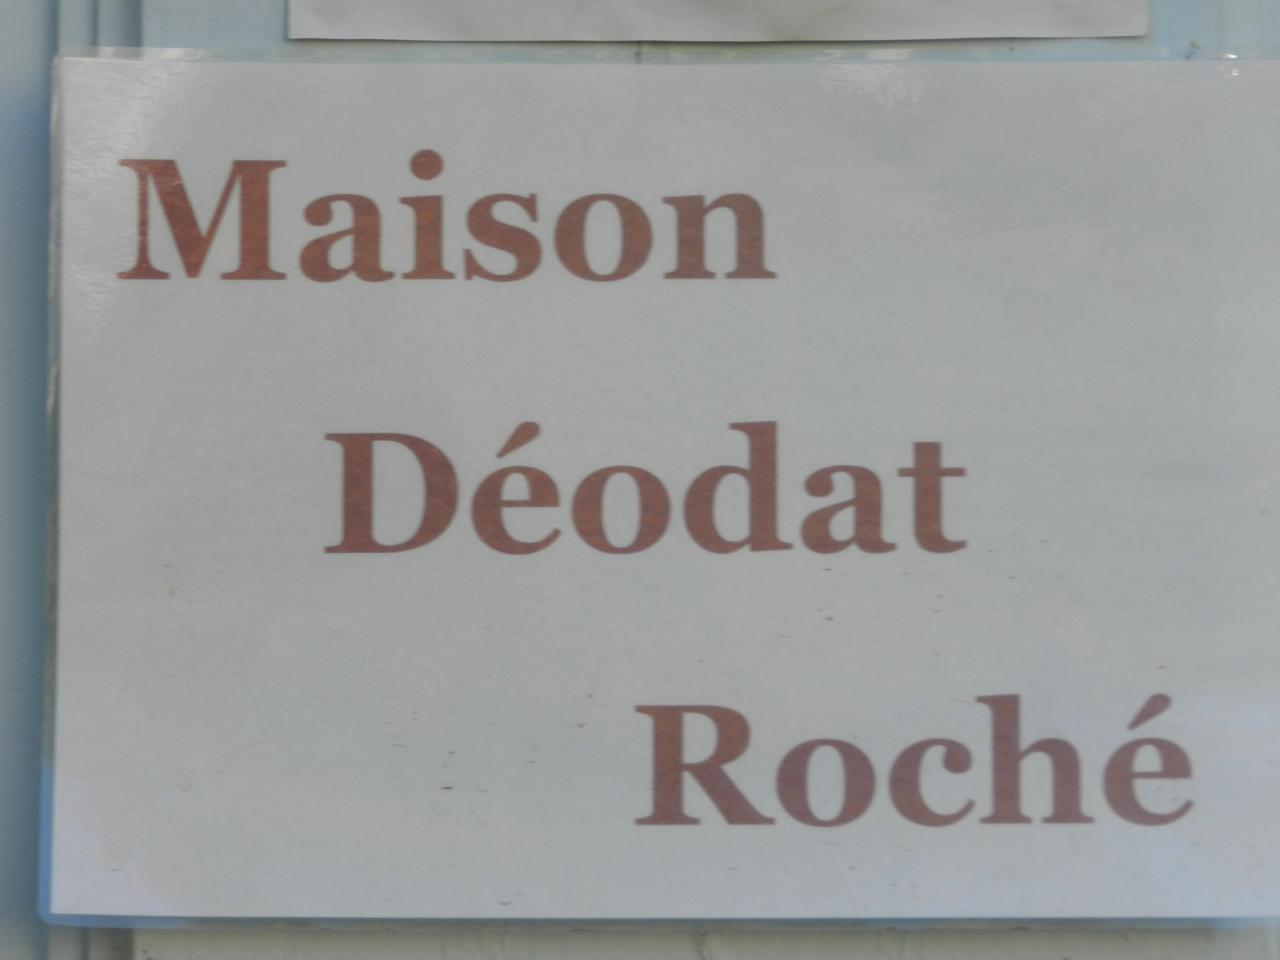 Maison Déodat Roché